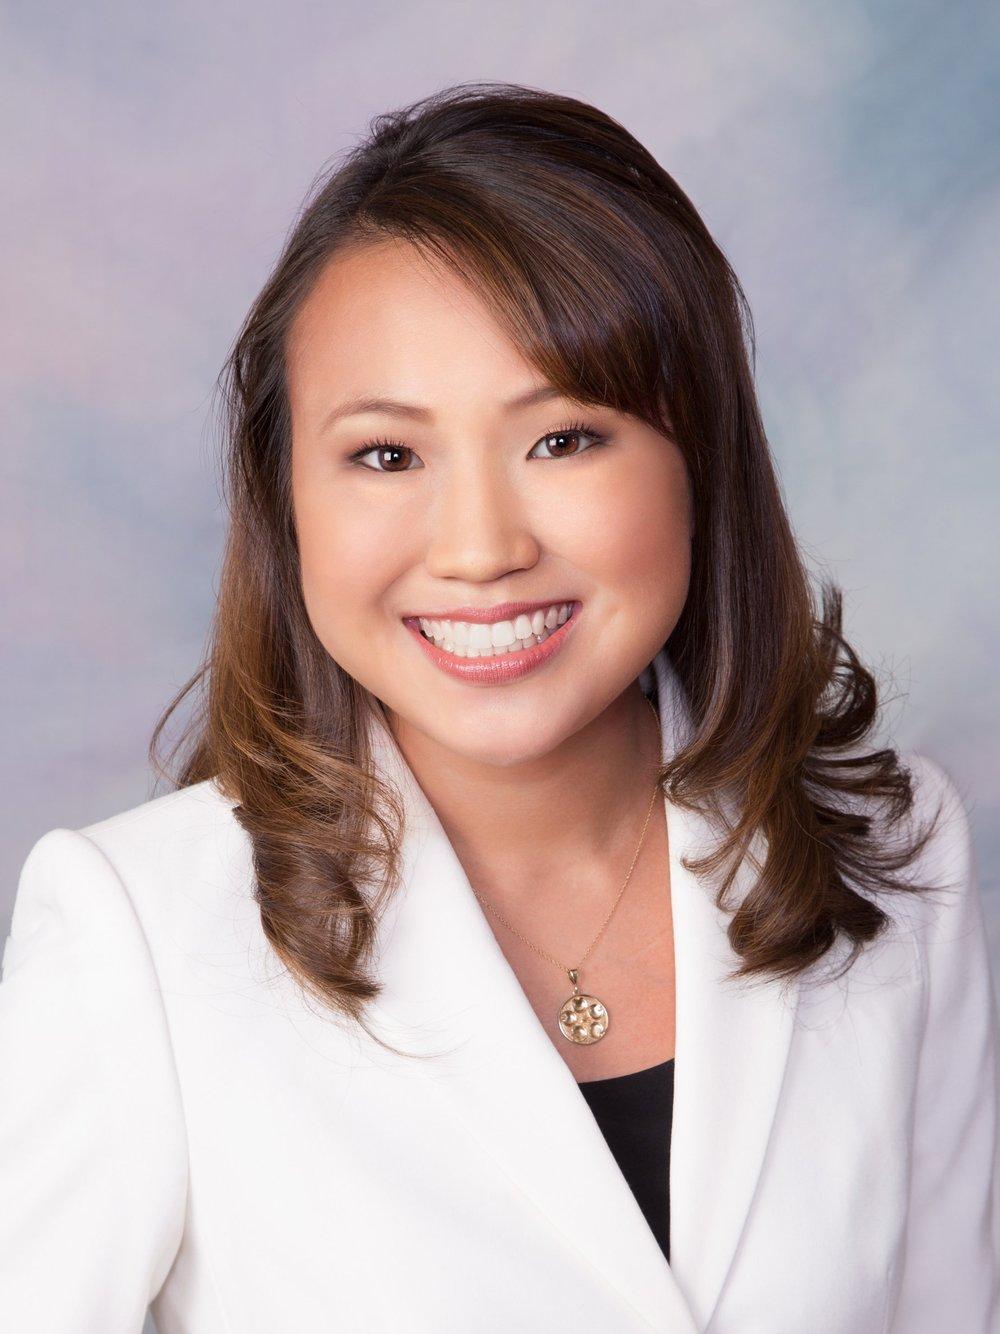 Kelly Ann Takiguchi